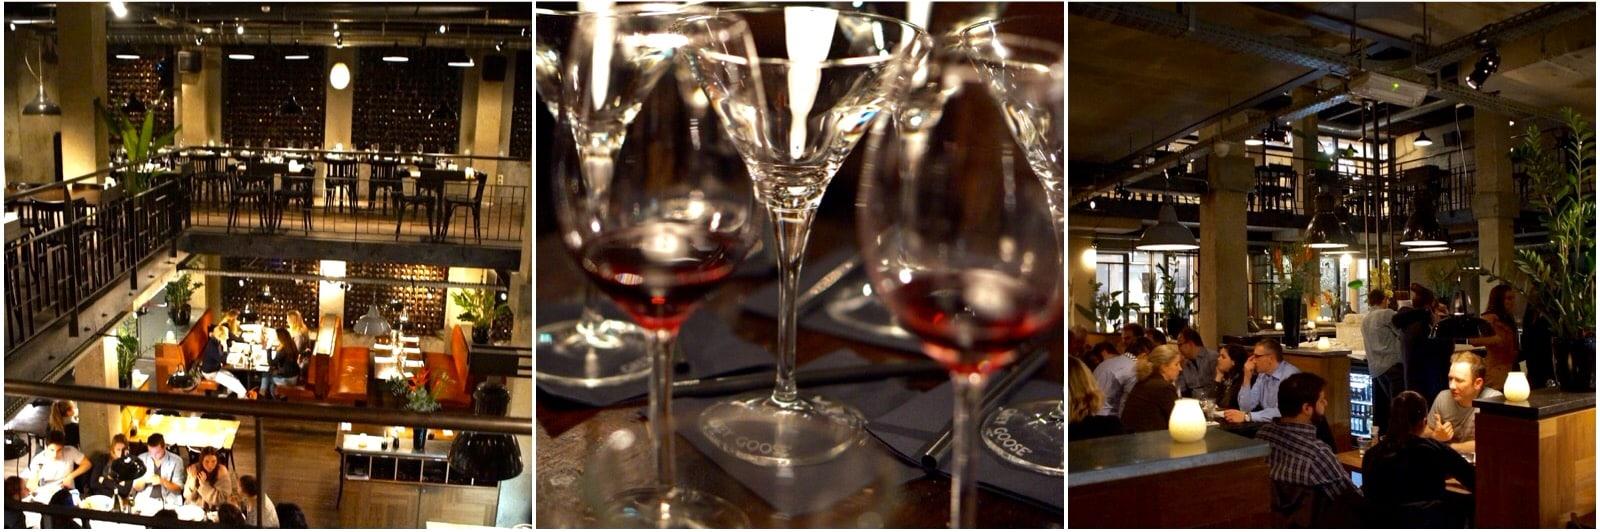 Bar Italia13